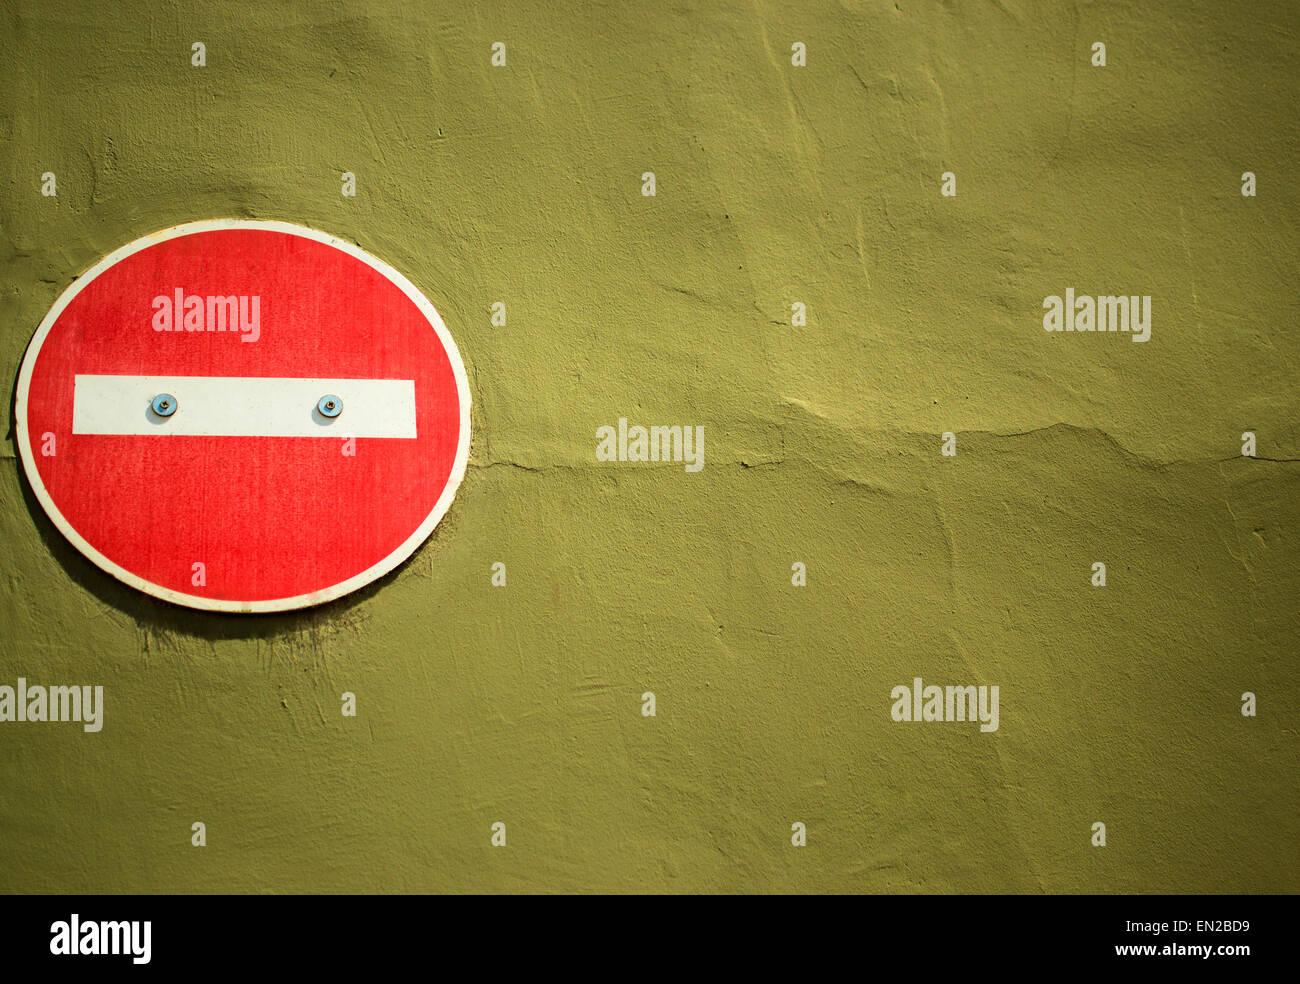 Gut Kein Eintrag Zeichen Angebracht Bis Gelb Braun Gestrichenen Wand